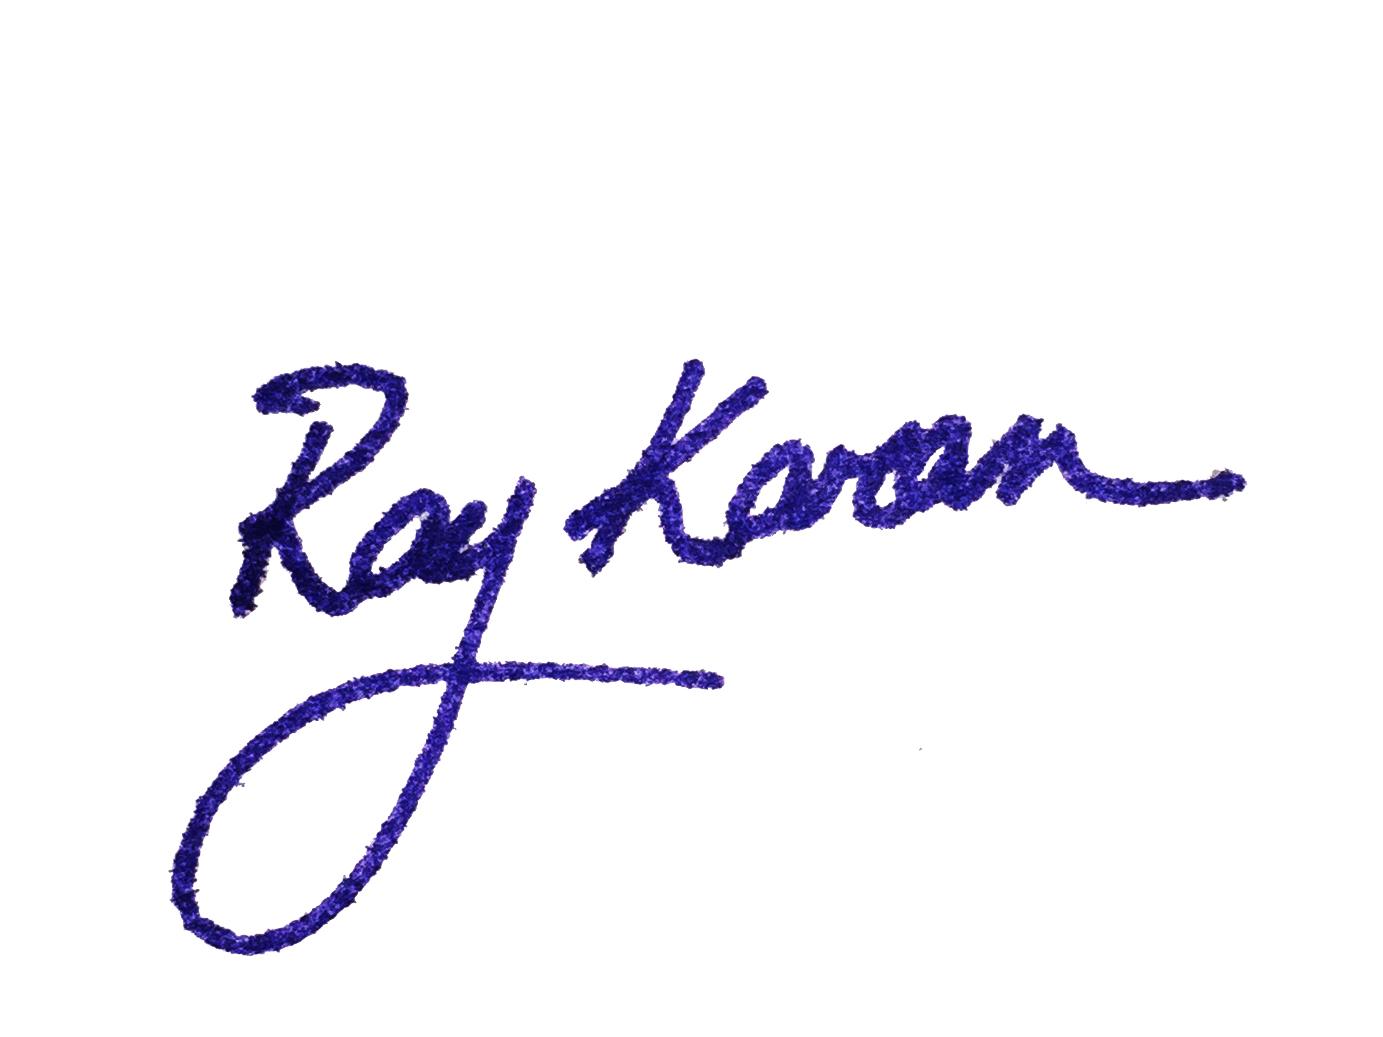 Ray Karam's Signature